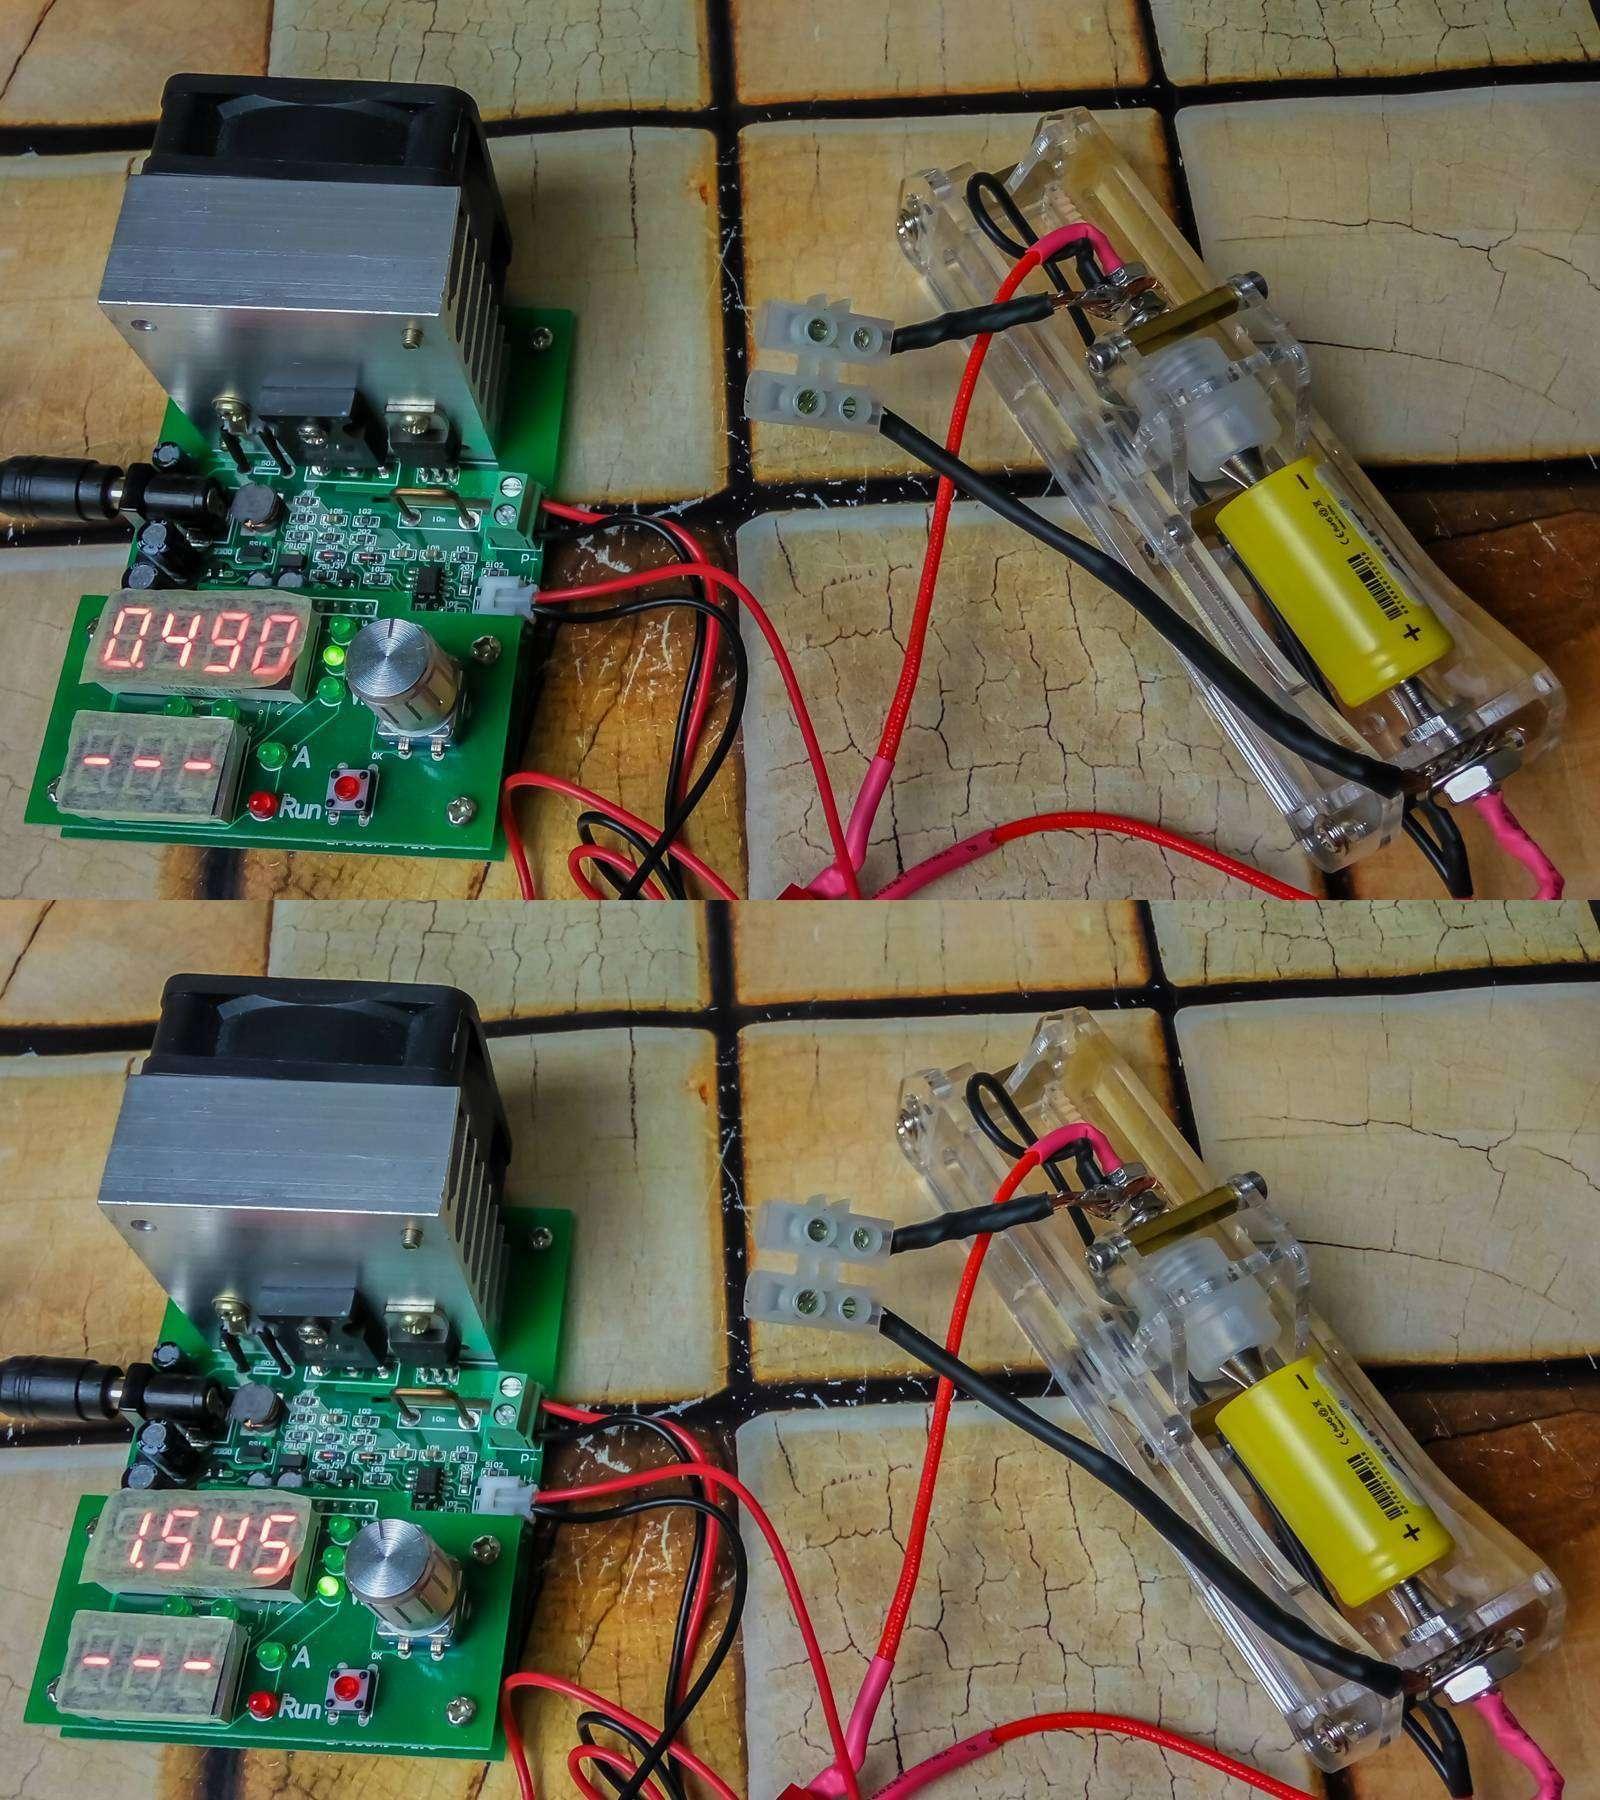 GearBest: Аккумуляторы 18350 от AWT, 800mAh и 10,5 А - так ли это, проверим